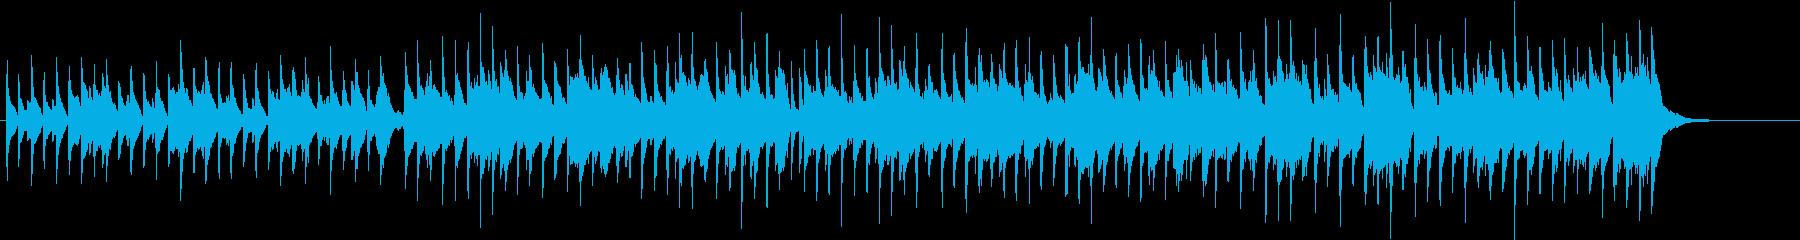 CM用10、陽気で可愛いキッズ・ペットbの再生済みの波形